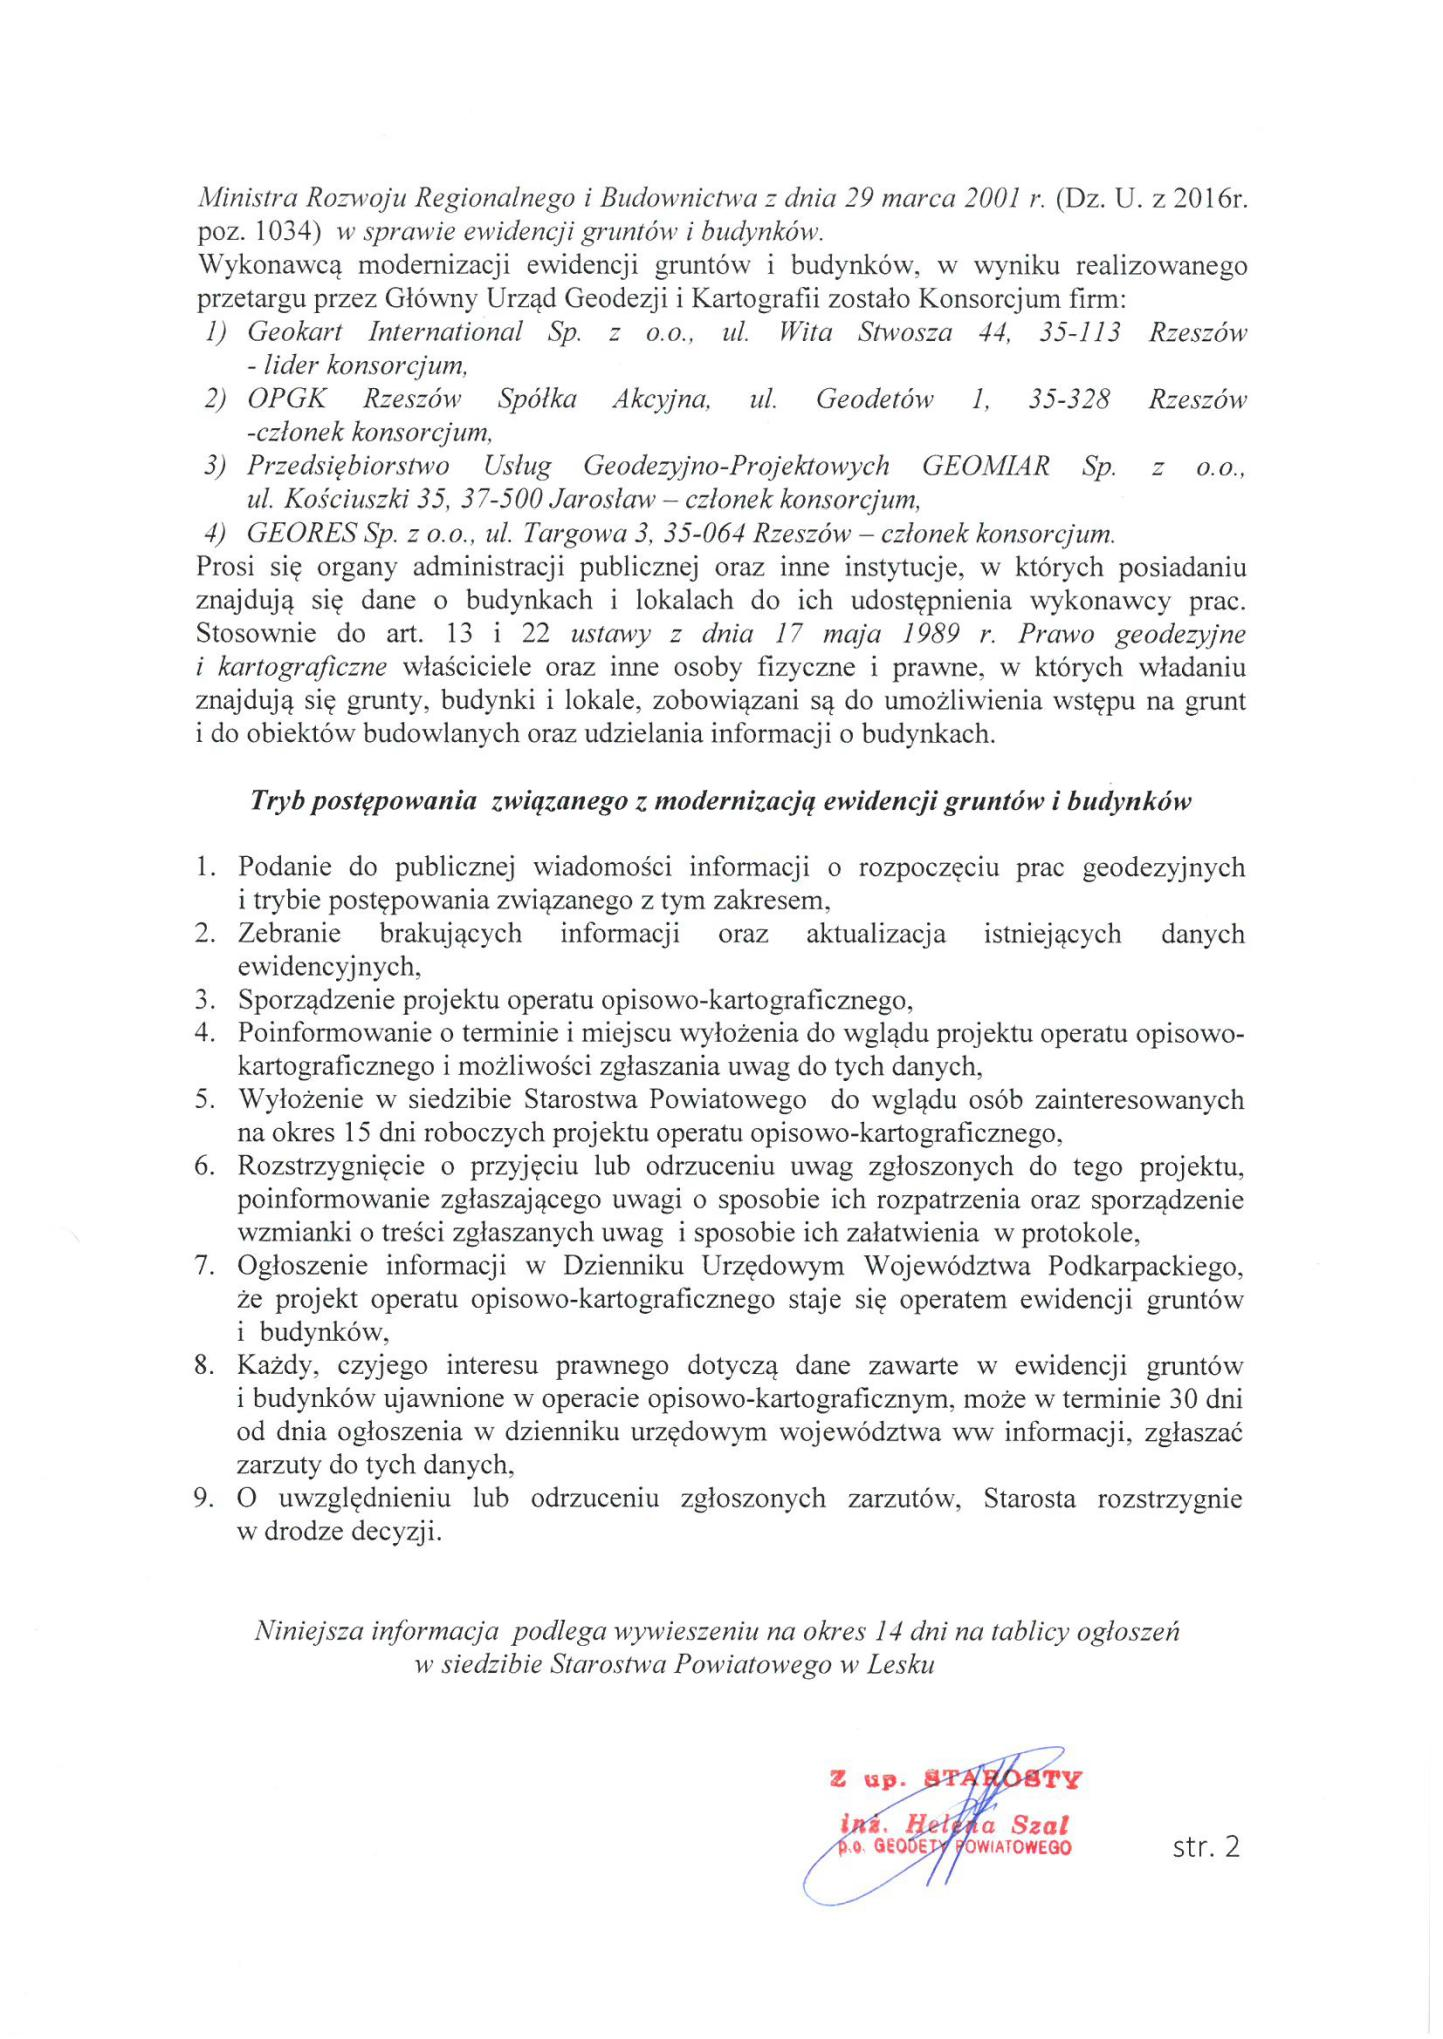 str1_04